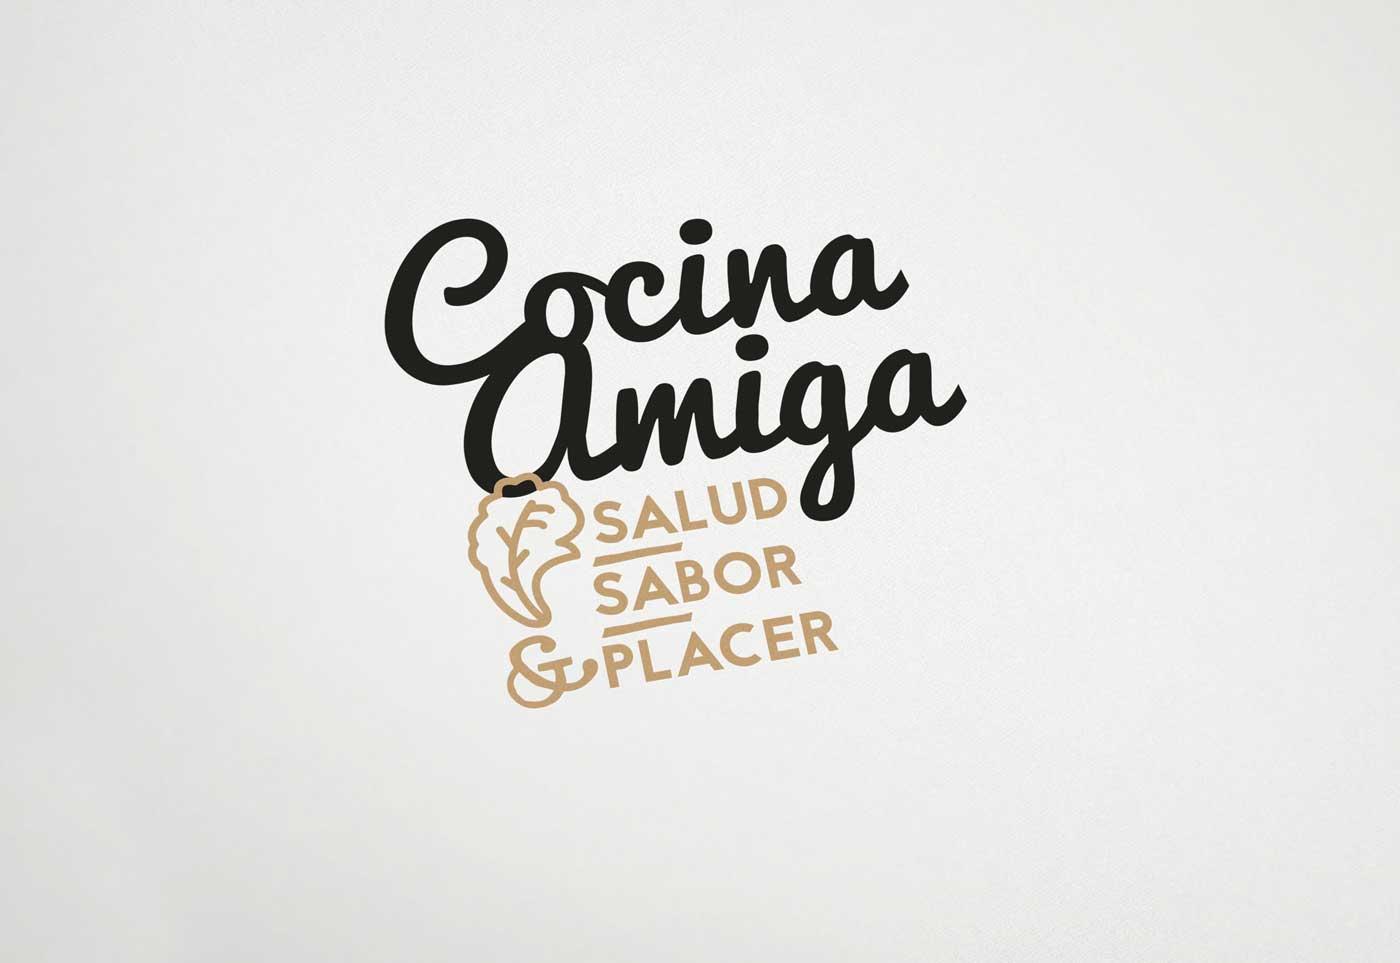 logo-cocina-amiga-propuesta-3-perfil-facebook-2